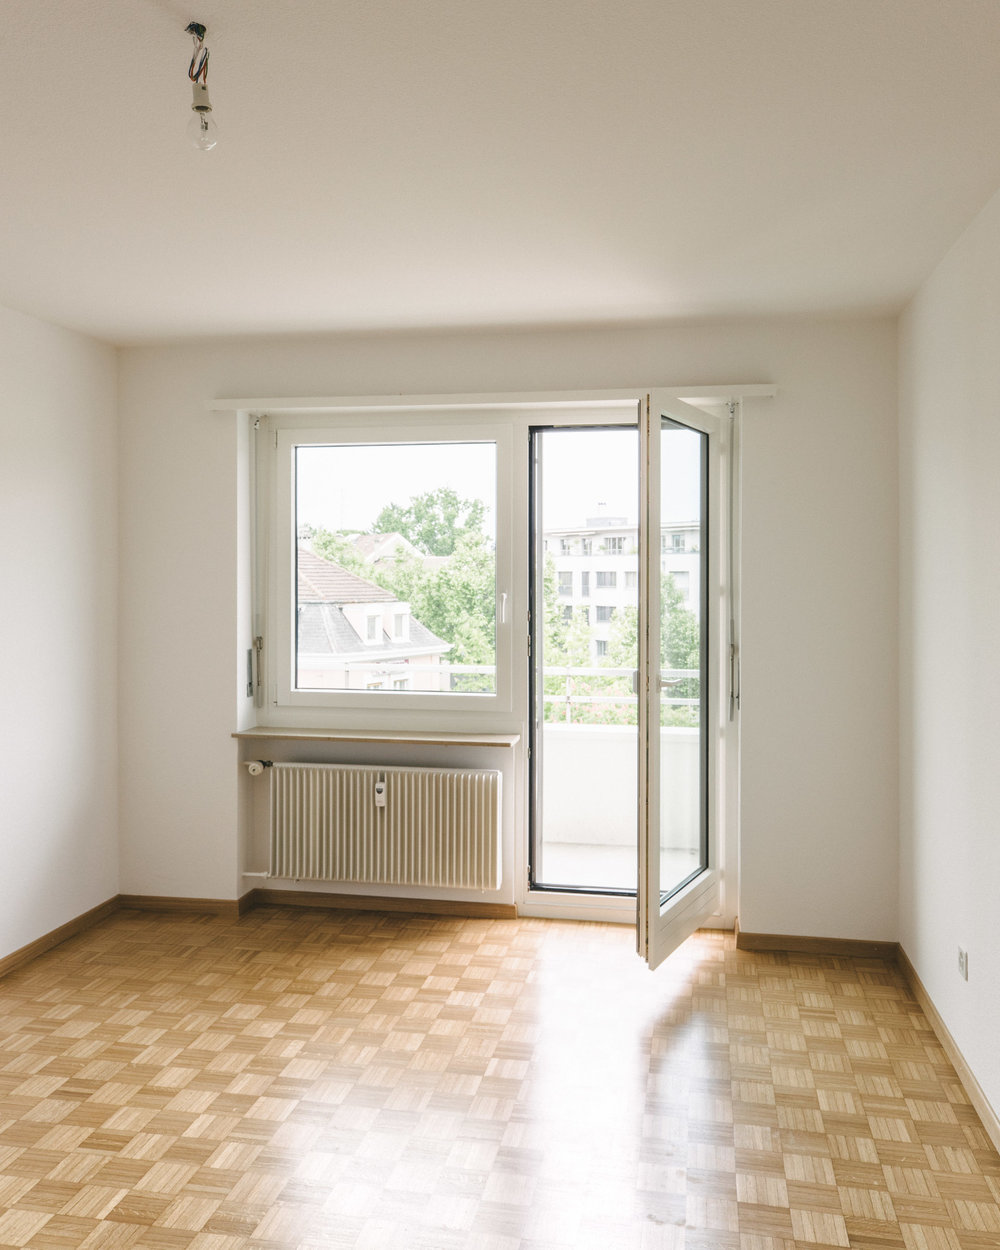 Innensanierung Basel Balkontüre, Consilium Architektur und Baumanagement